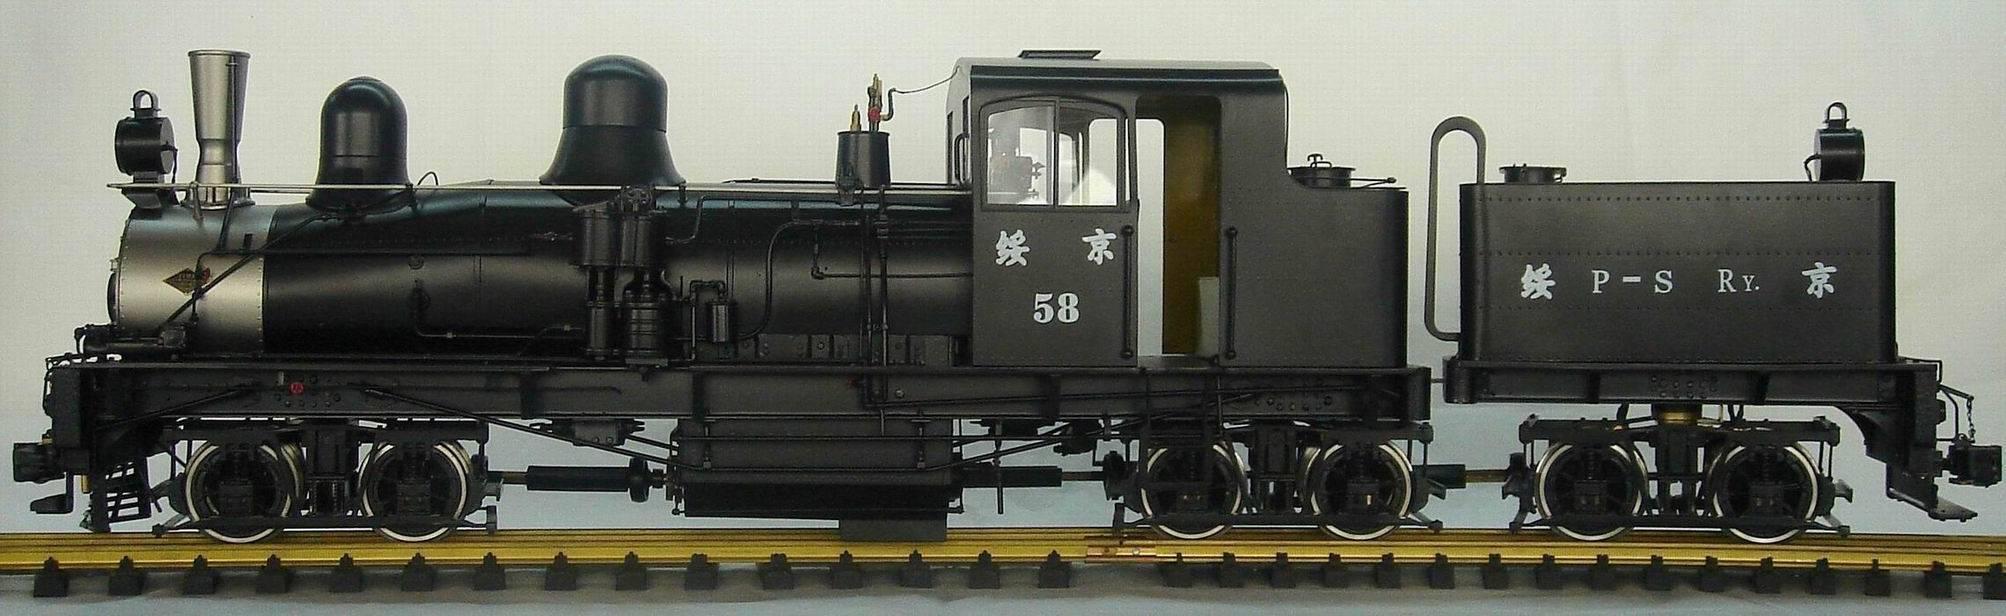 Model brass train